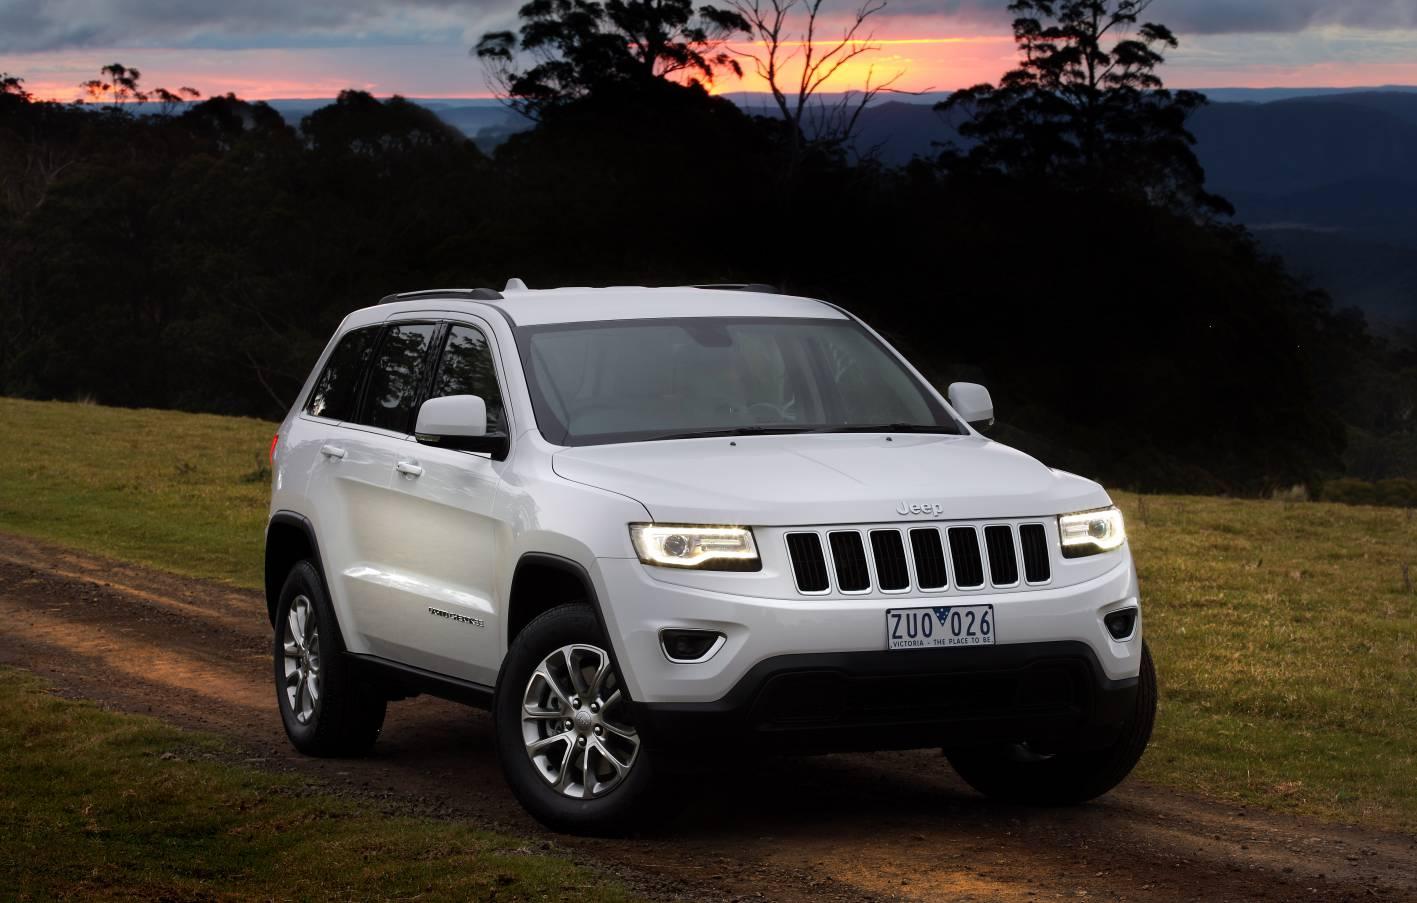 Jeep Cars - News: 2013 Grand Cherokee